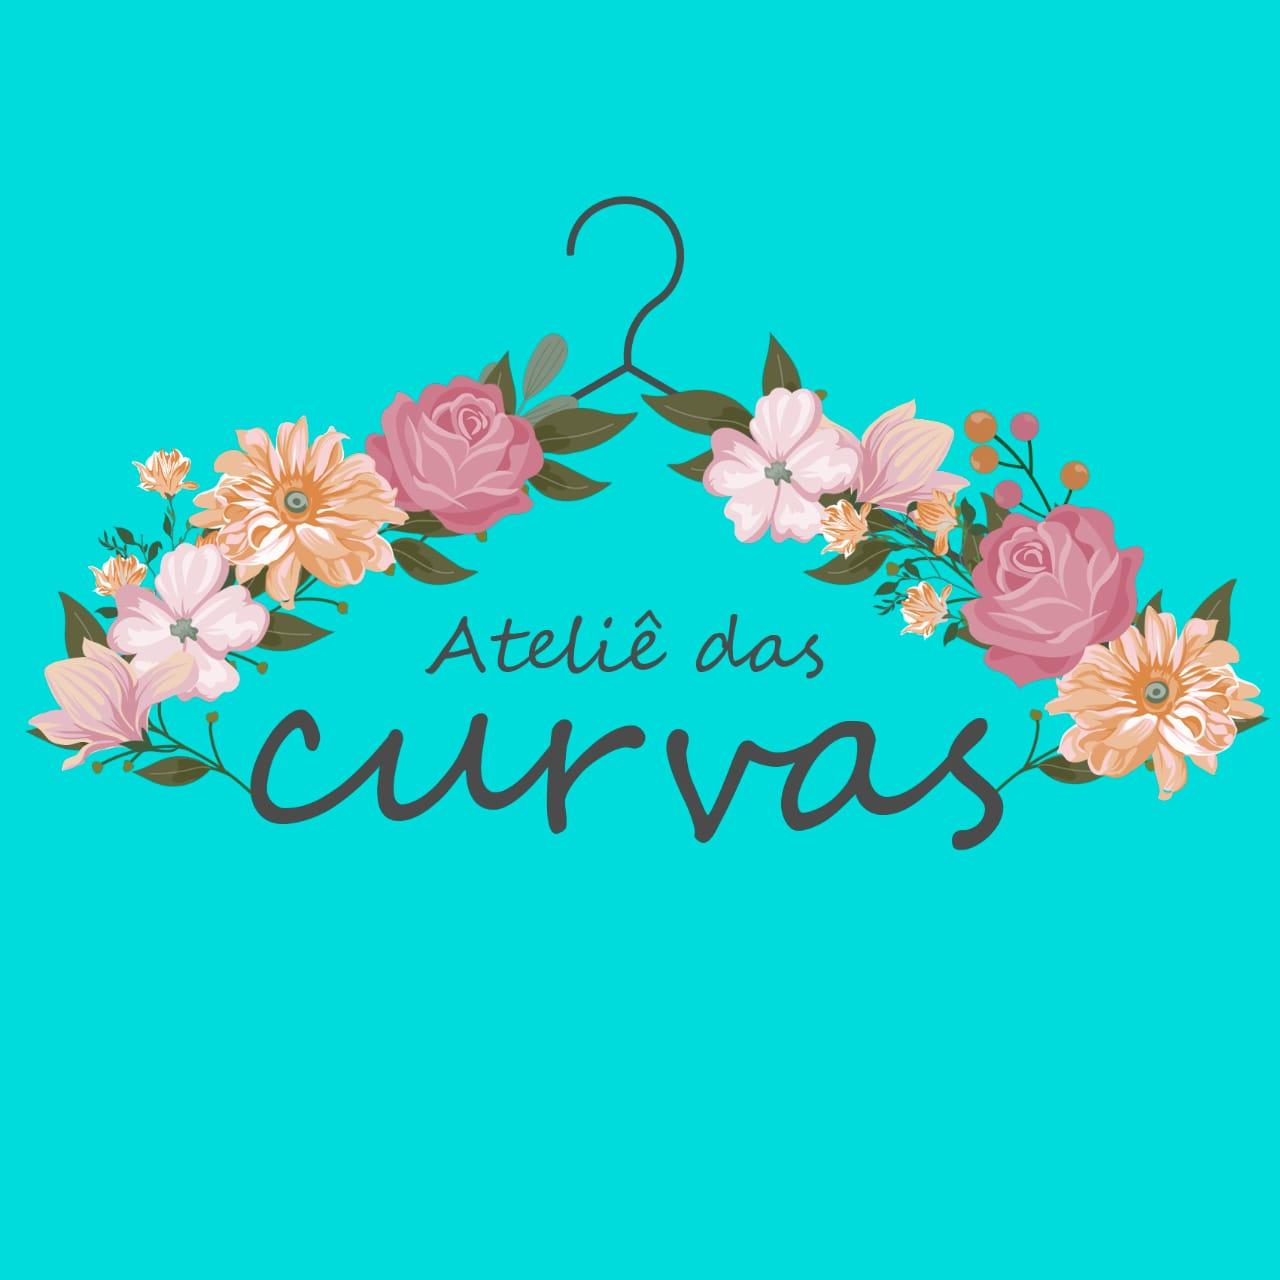 Ateliê das Curvas